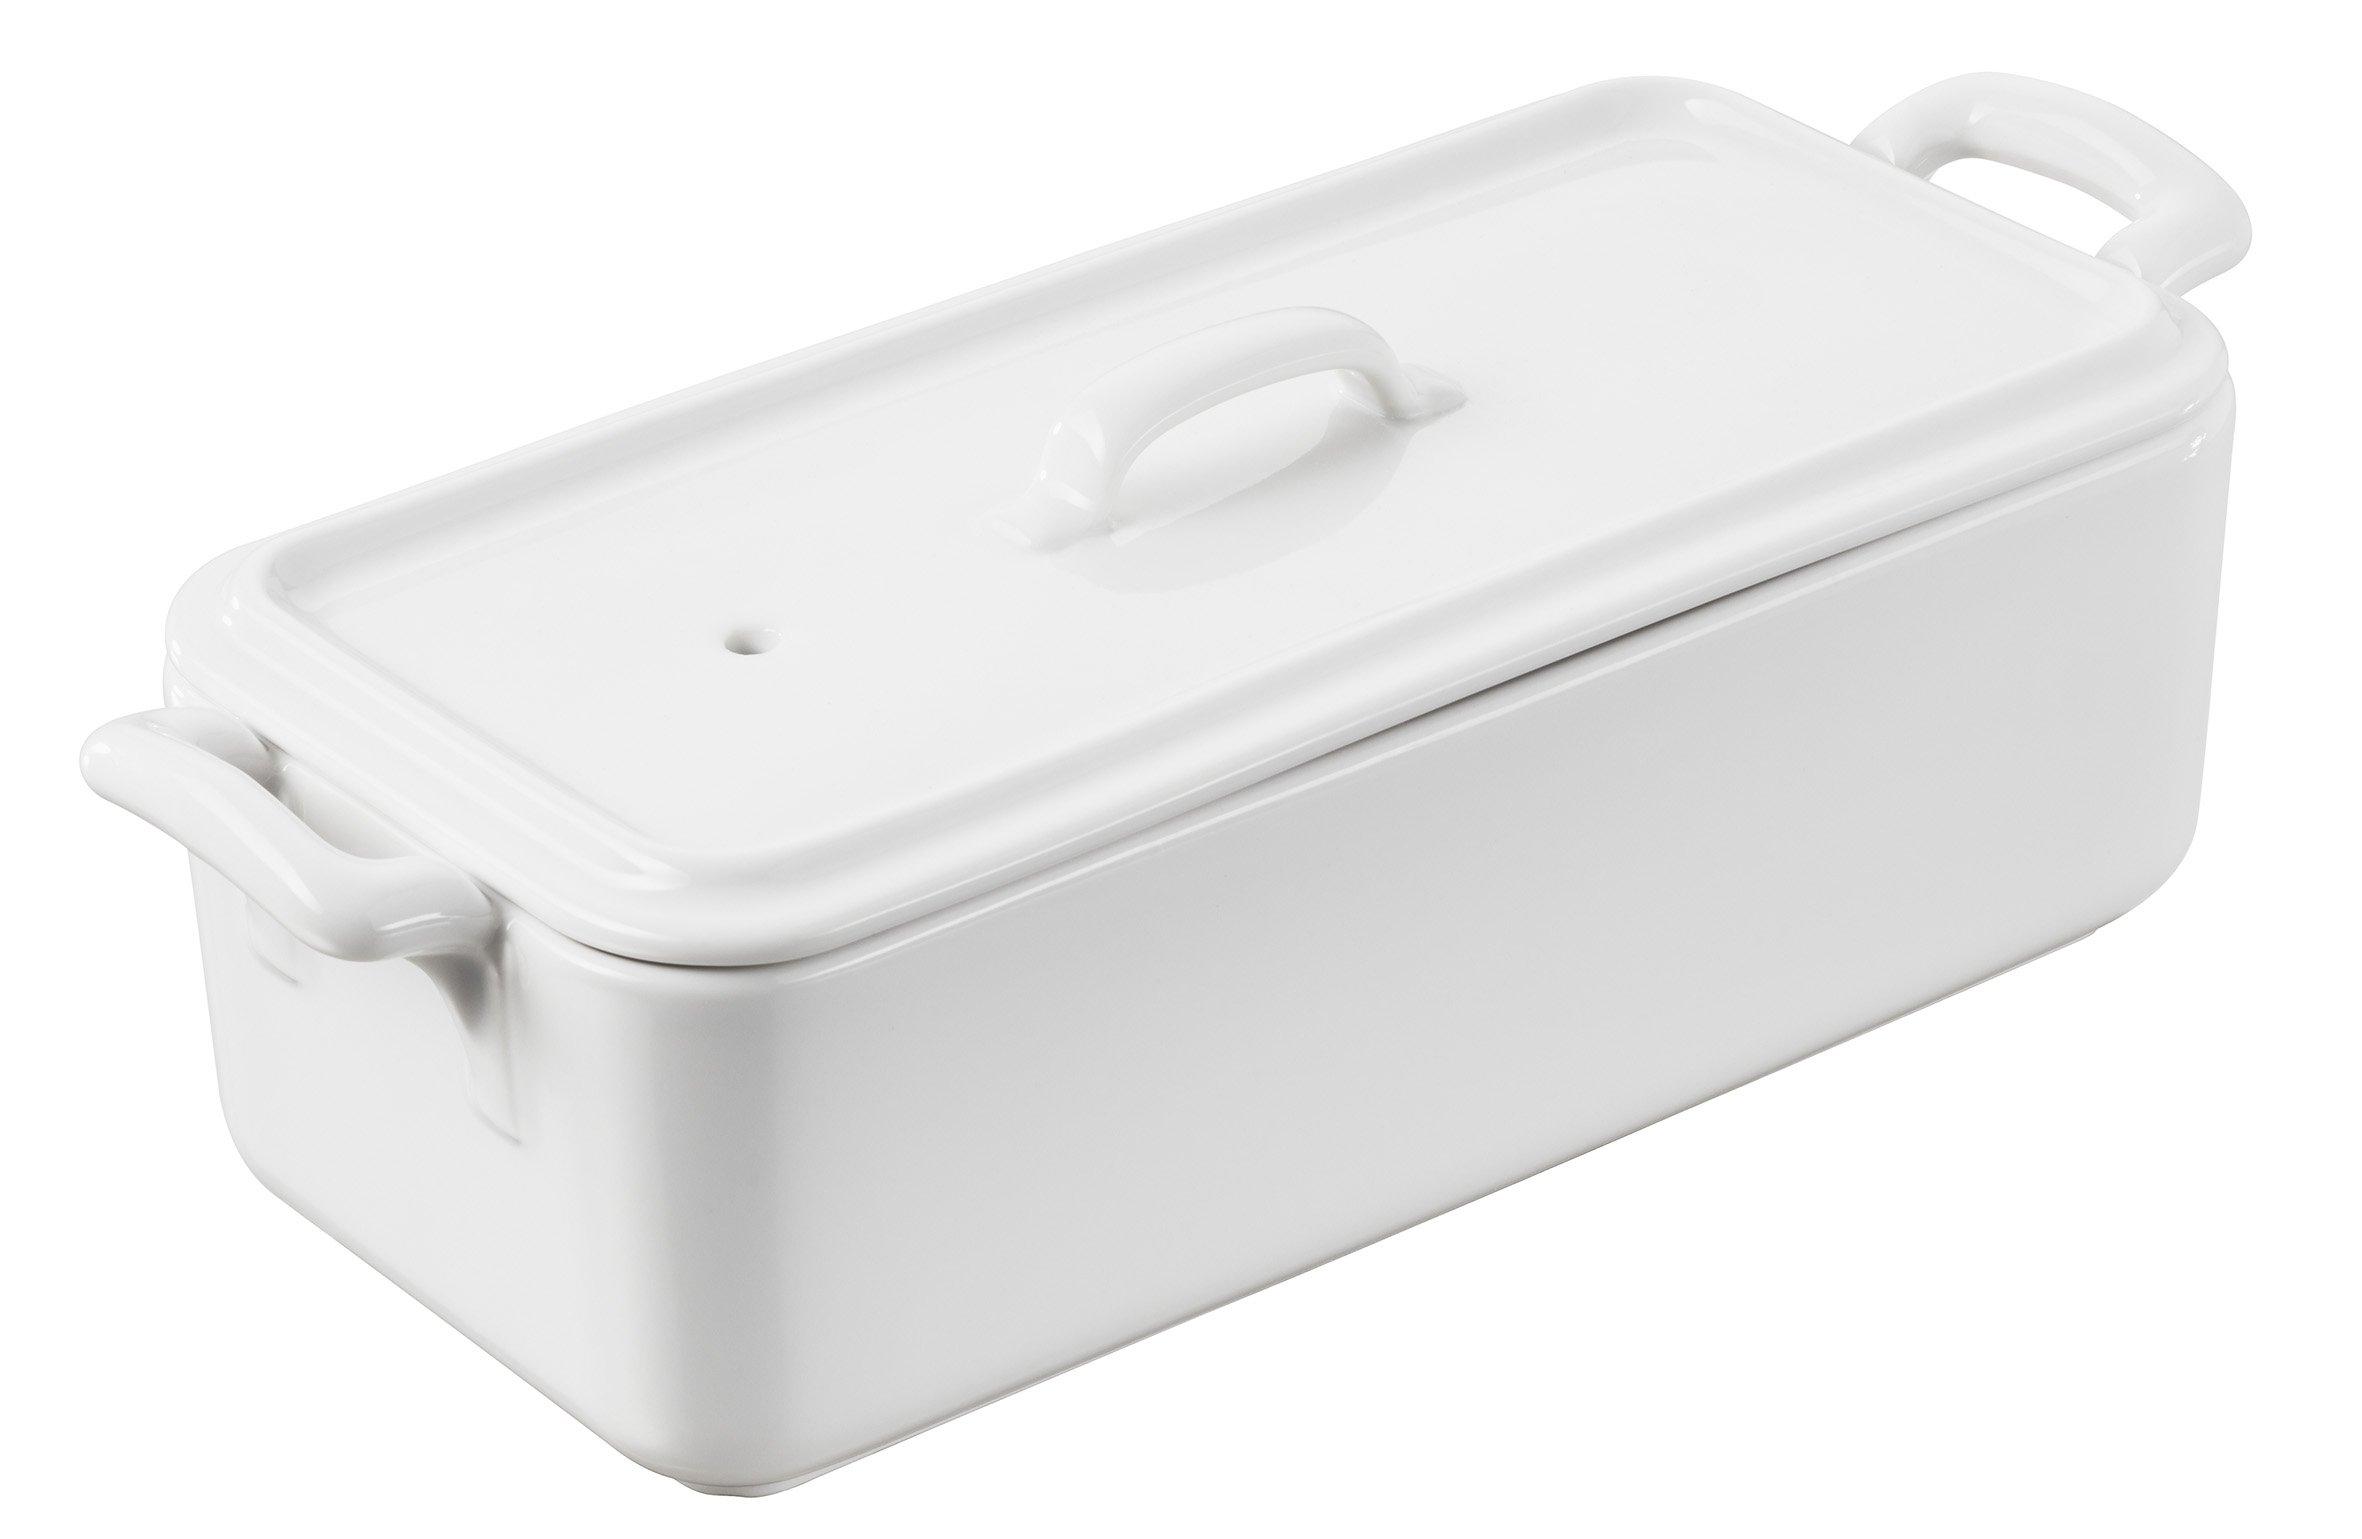 Revol 618410 BC081000 Terrine with lid, 35.25 Oz, White by Revol